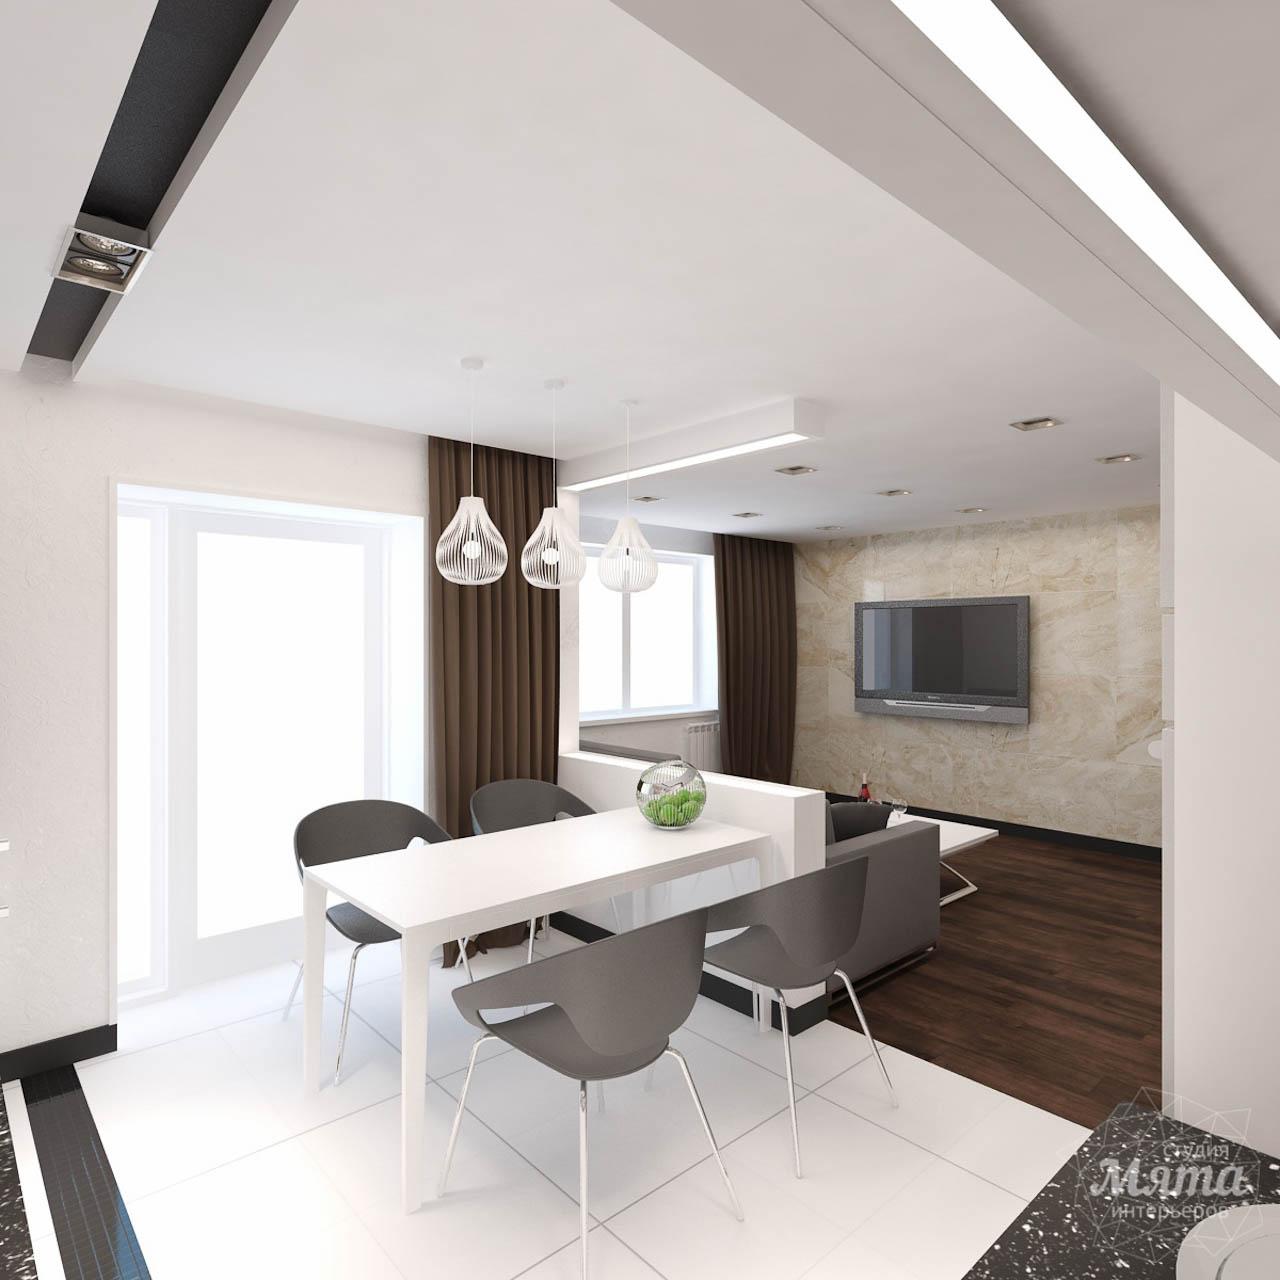 капитальный ремонт квартир ключ ремонт квартир